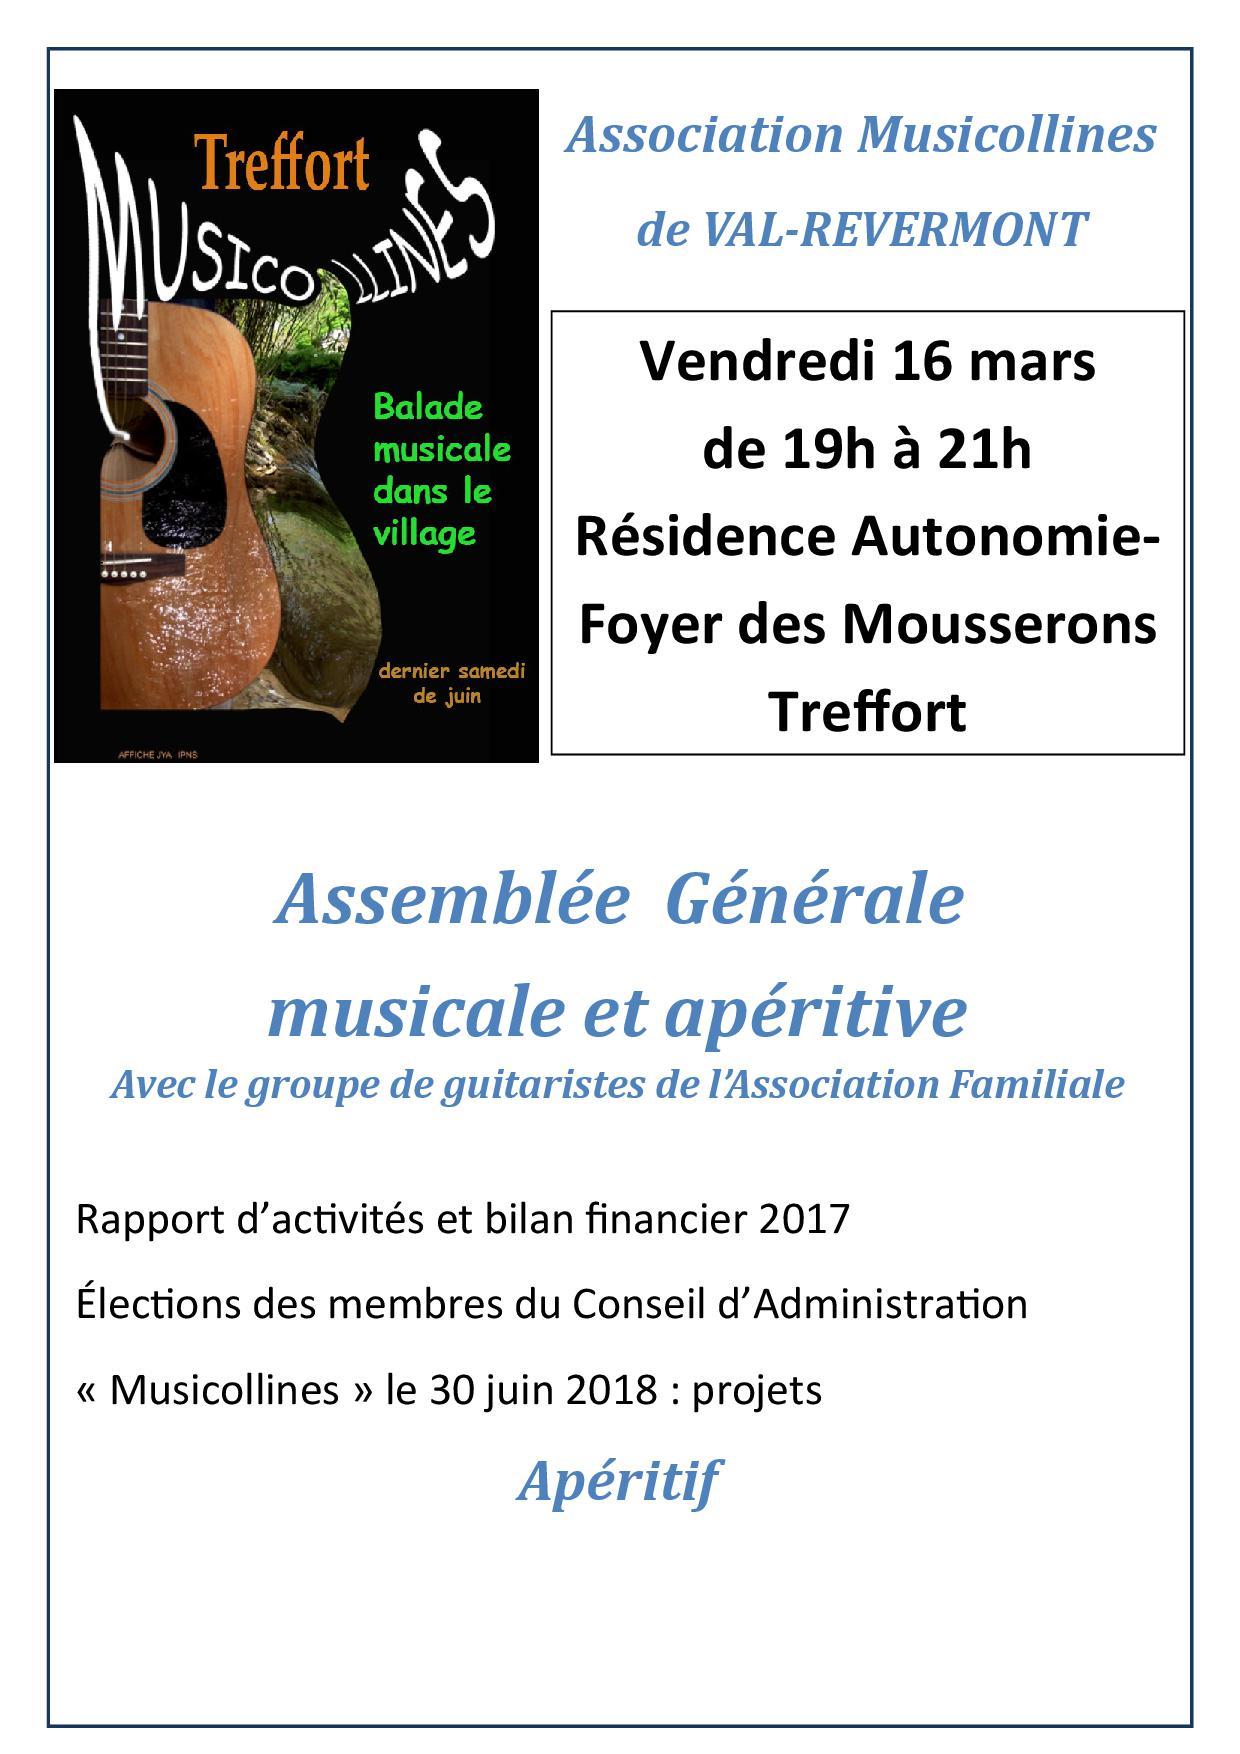 affichettes AG Association Musicollines